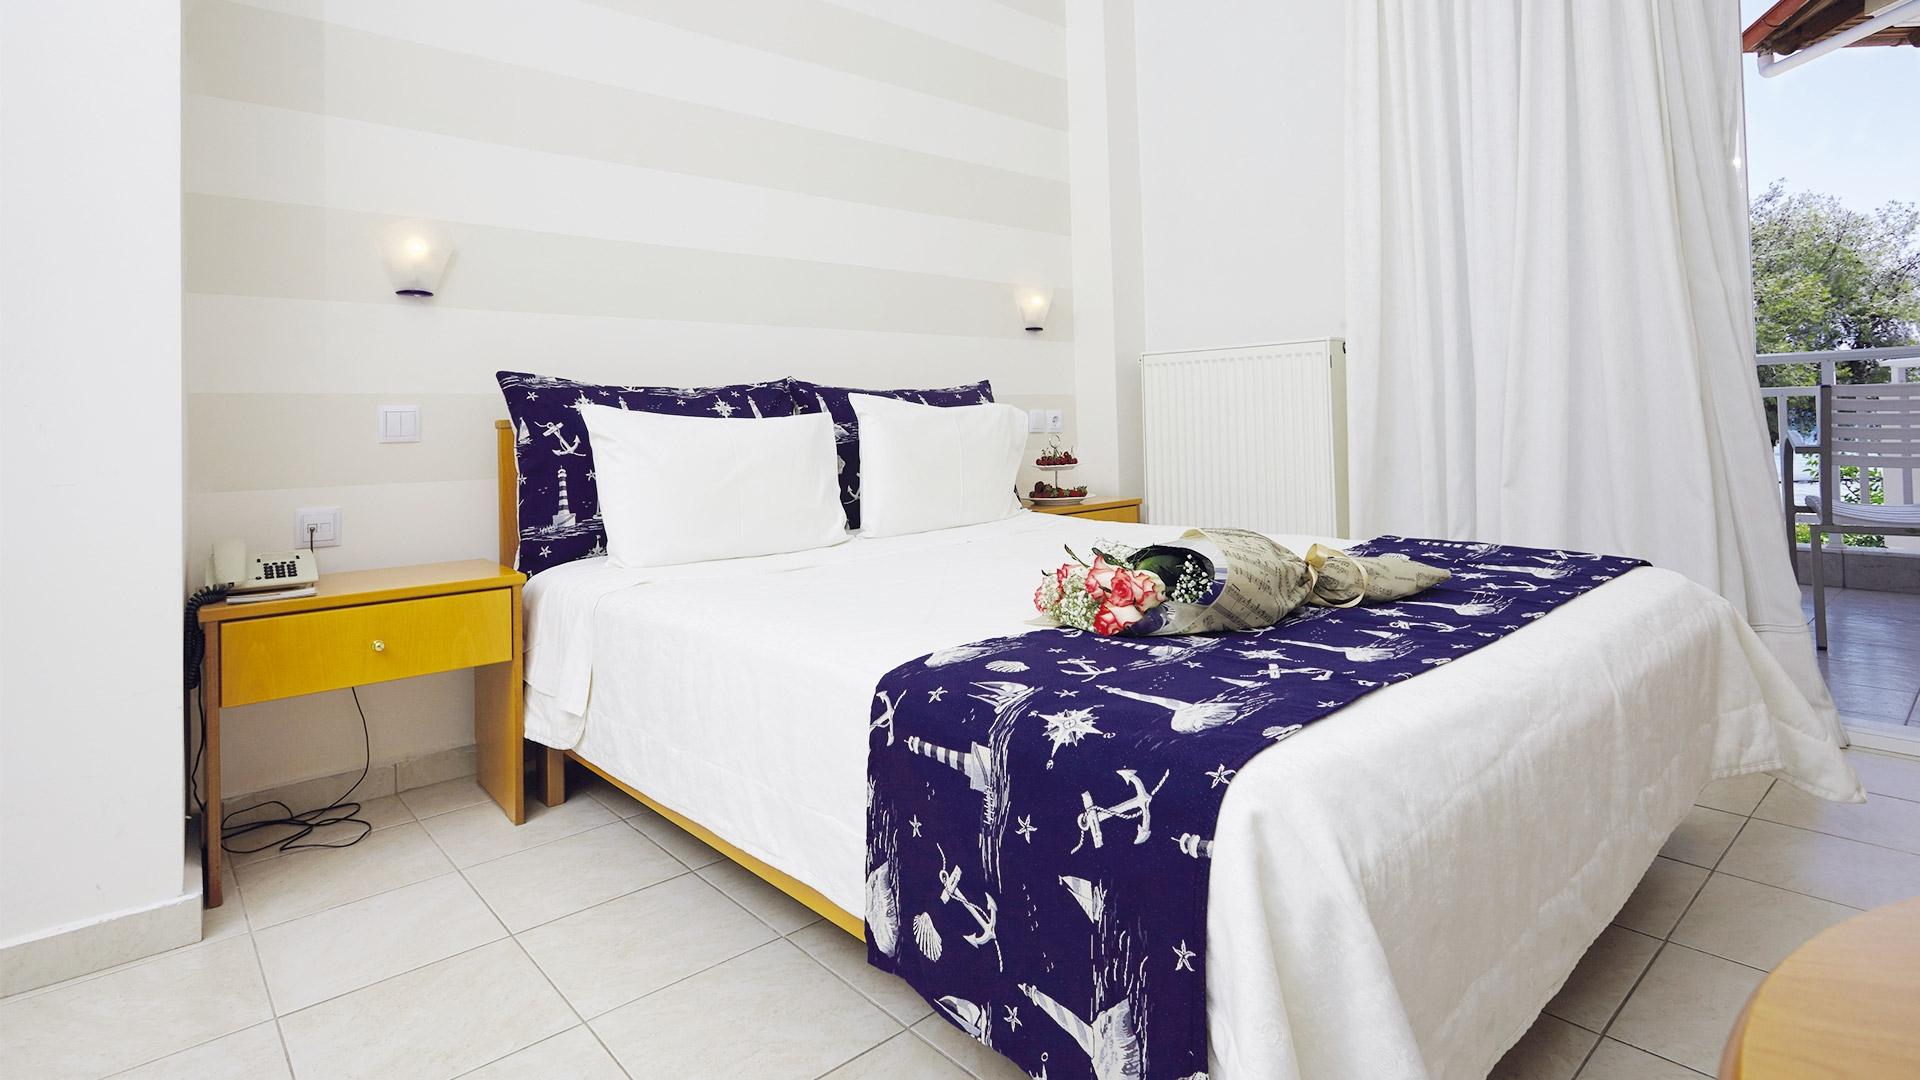 Georgalas Sun Beach Hotel – Χαλκιδικη ✦ -33% ✦ 3 Ημερες (2 Διανυκτερευσεις) ✦ 2 Άτομα ΚΑΙ ενα Παιδι εως 7 ετων ✦ Πρωινο ✦ 28/04/2018 εως 31/05/2018 ✦ Επιπλεον 1 Διανυκτερευση ΔΩΡΟ και -3% εκπτωση με COSMOTE DEALS for YOU!